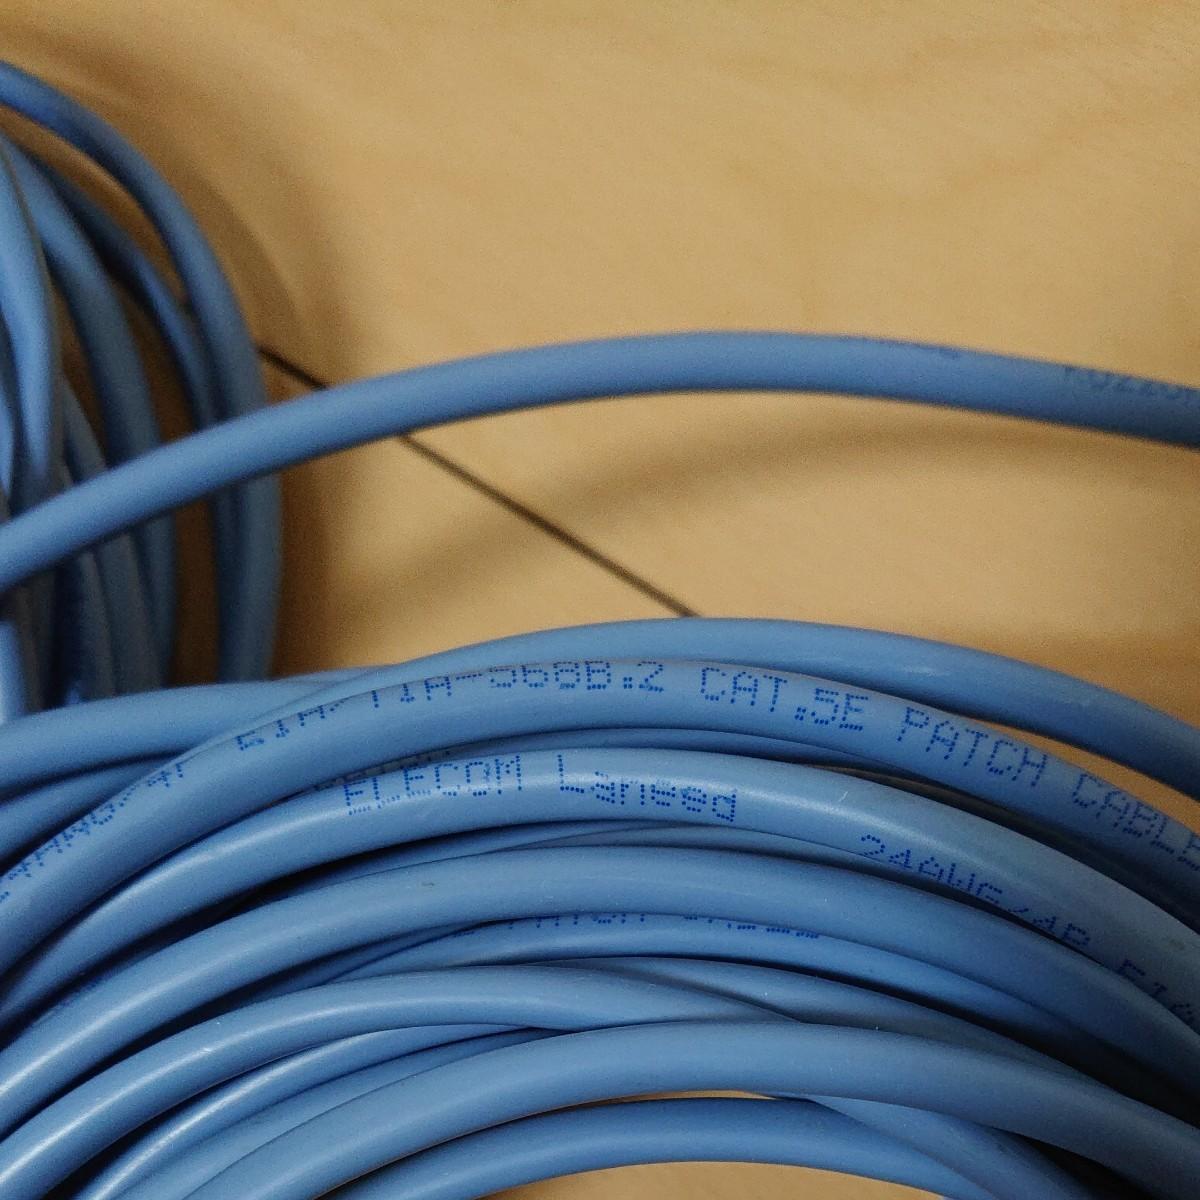 エレコム RoHS準拠 CAT5E対応 LANケーブル 10m ブルー  中継コネクタ